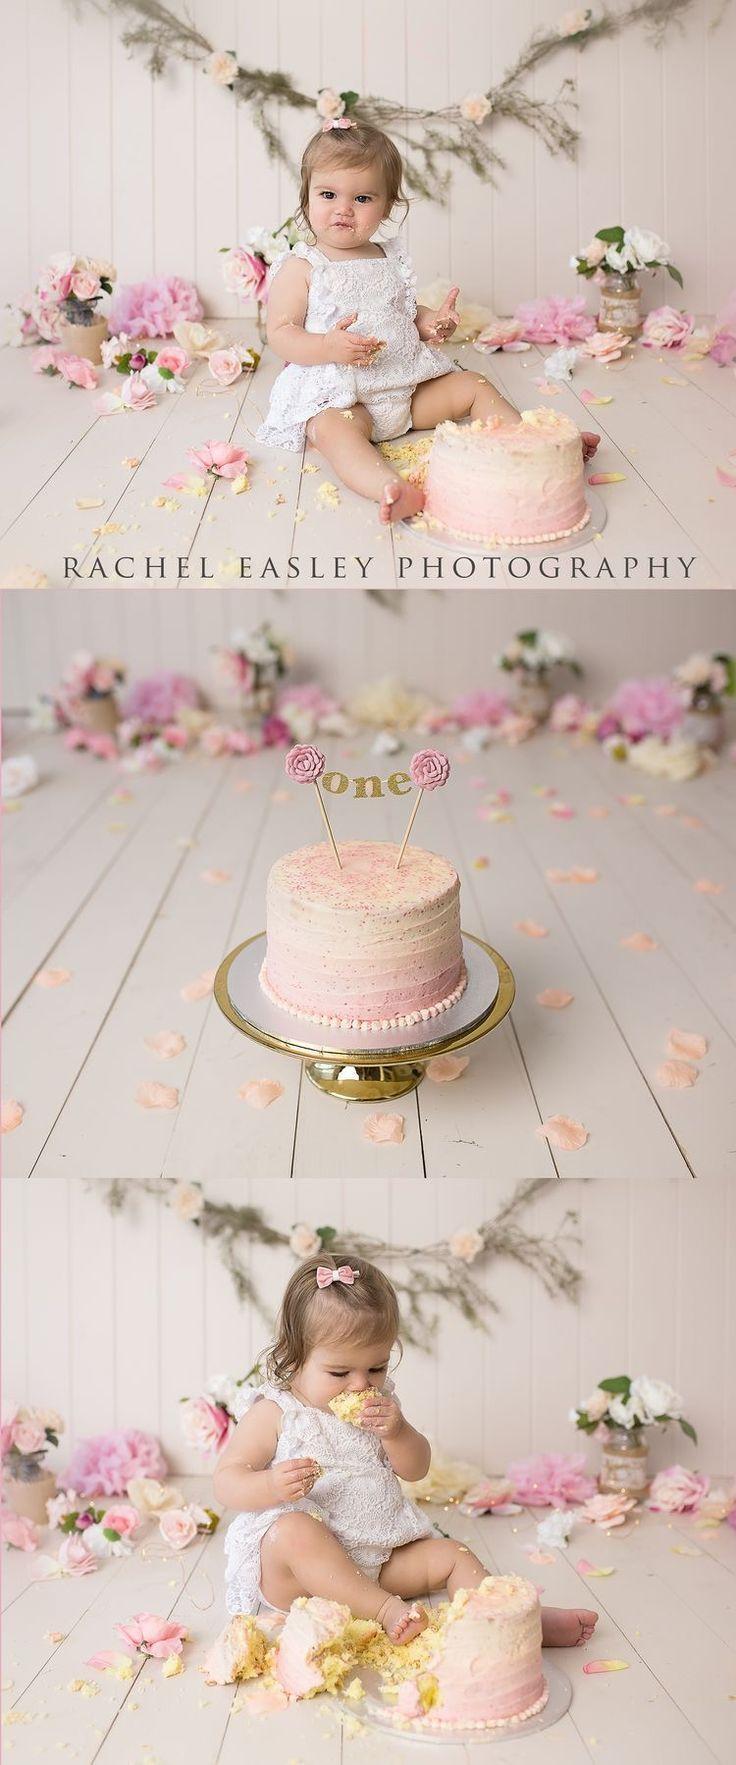 Smash Cake Photo Session Tuscany Theme With Images Smash